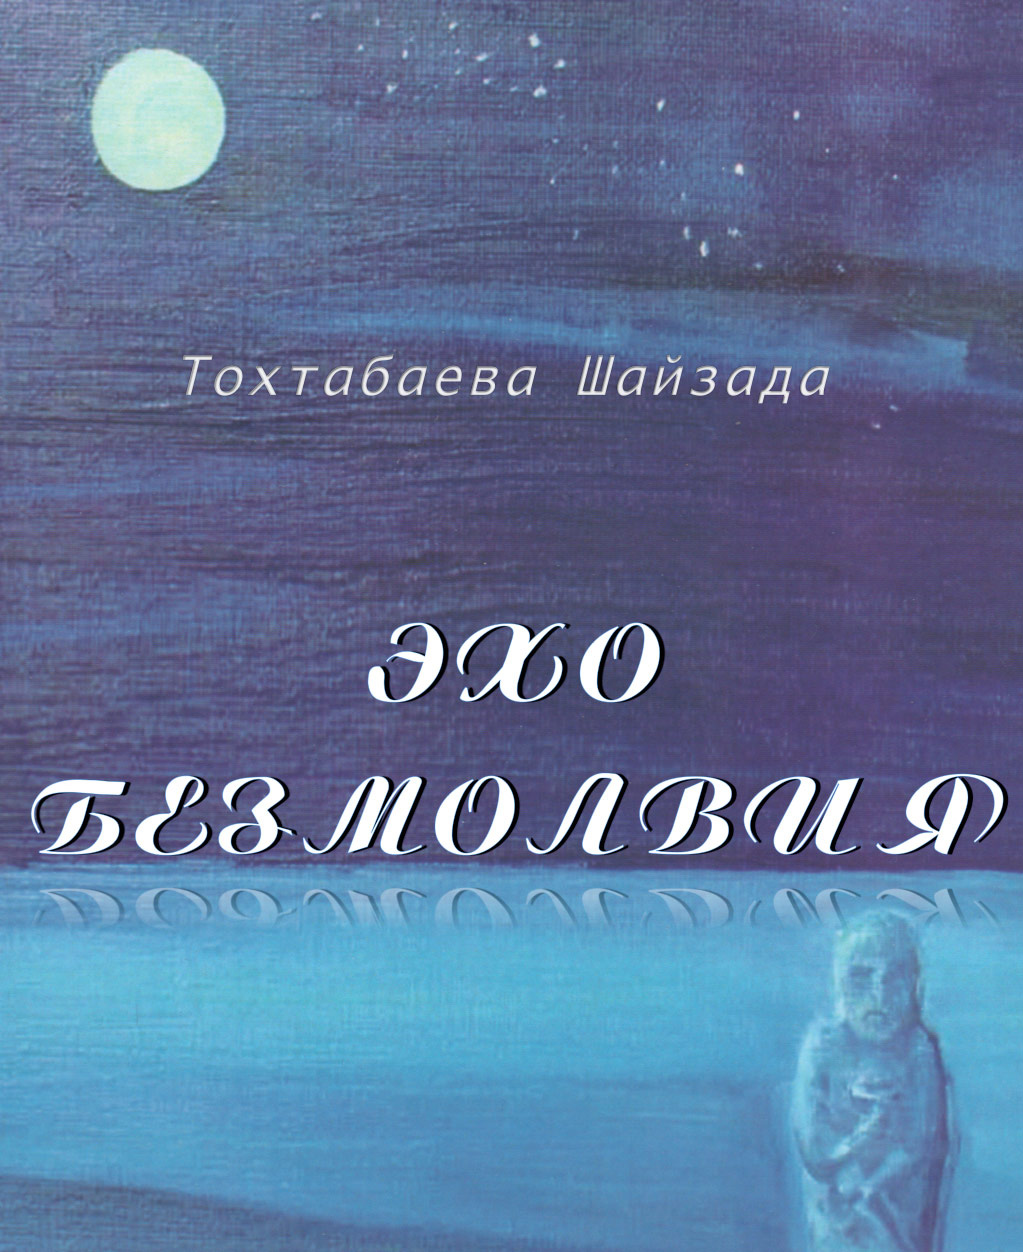 Шайзада Тохтабаева Эхо безмолвия цена